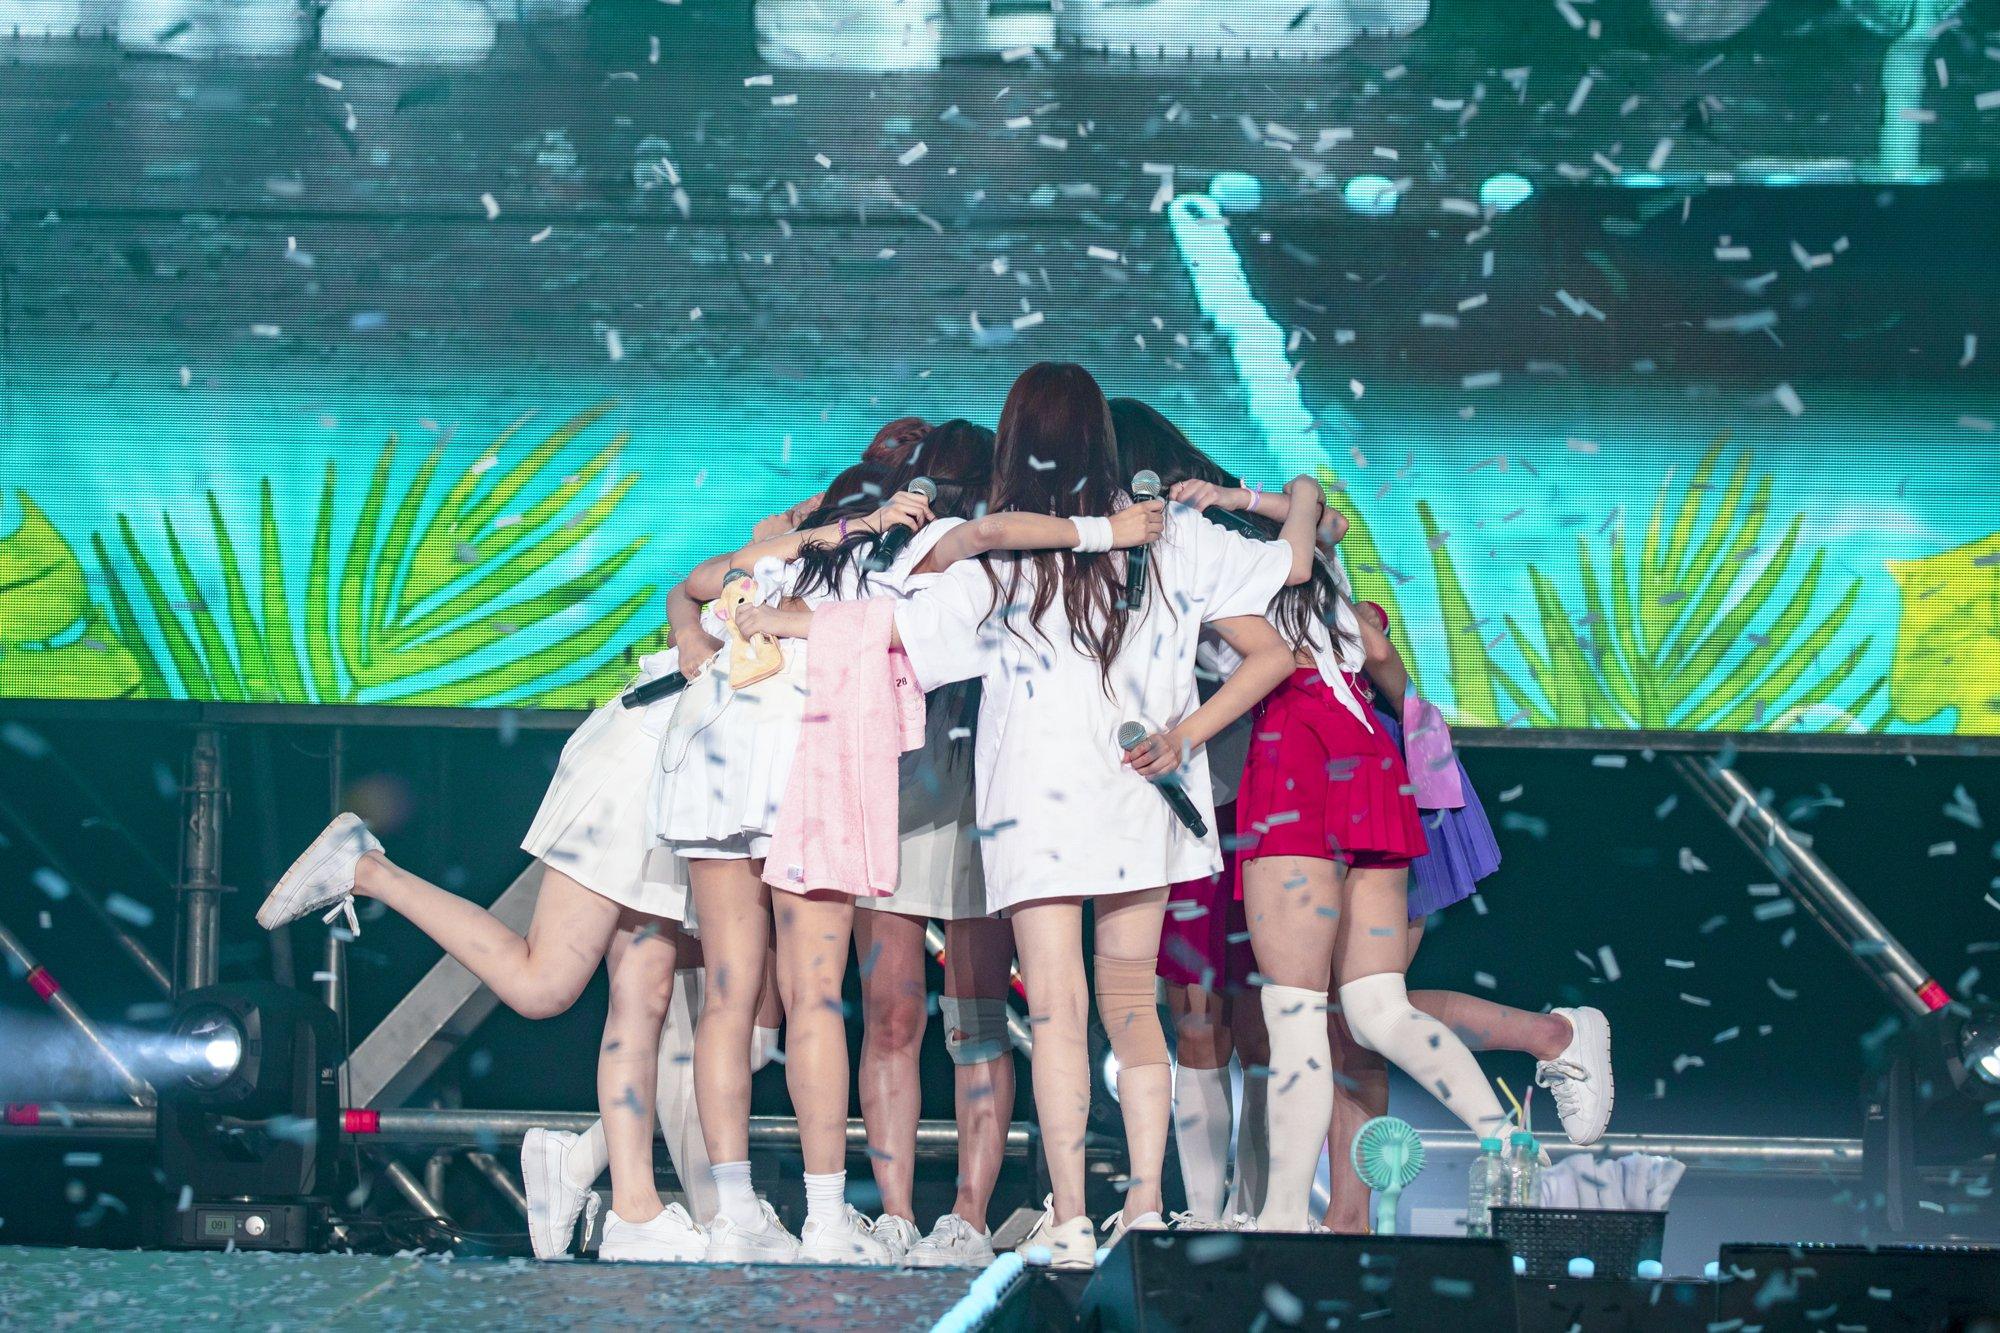 12일(월), 러블리즈(Lovelyz) 데뷔 4주년💕 | 인스티즈